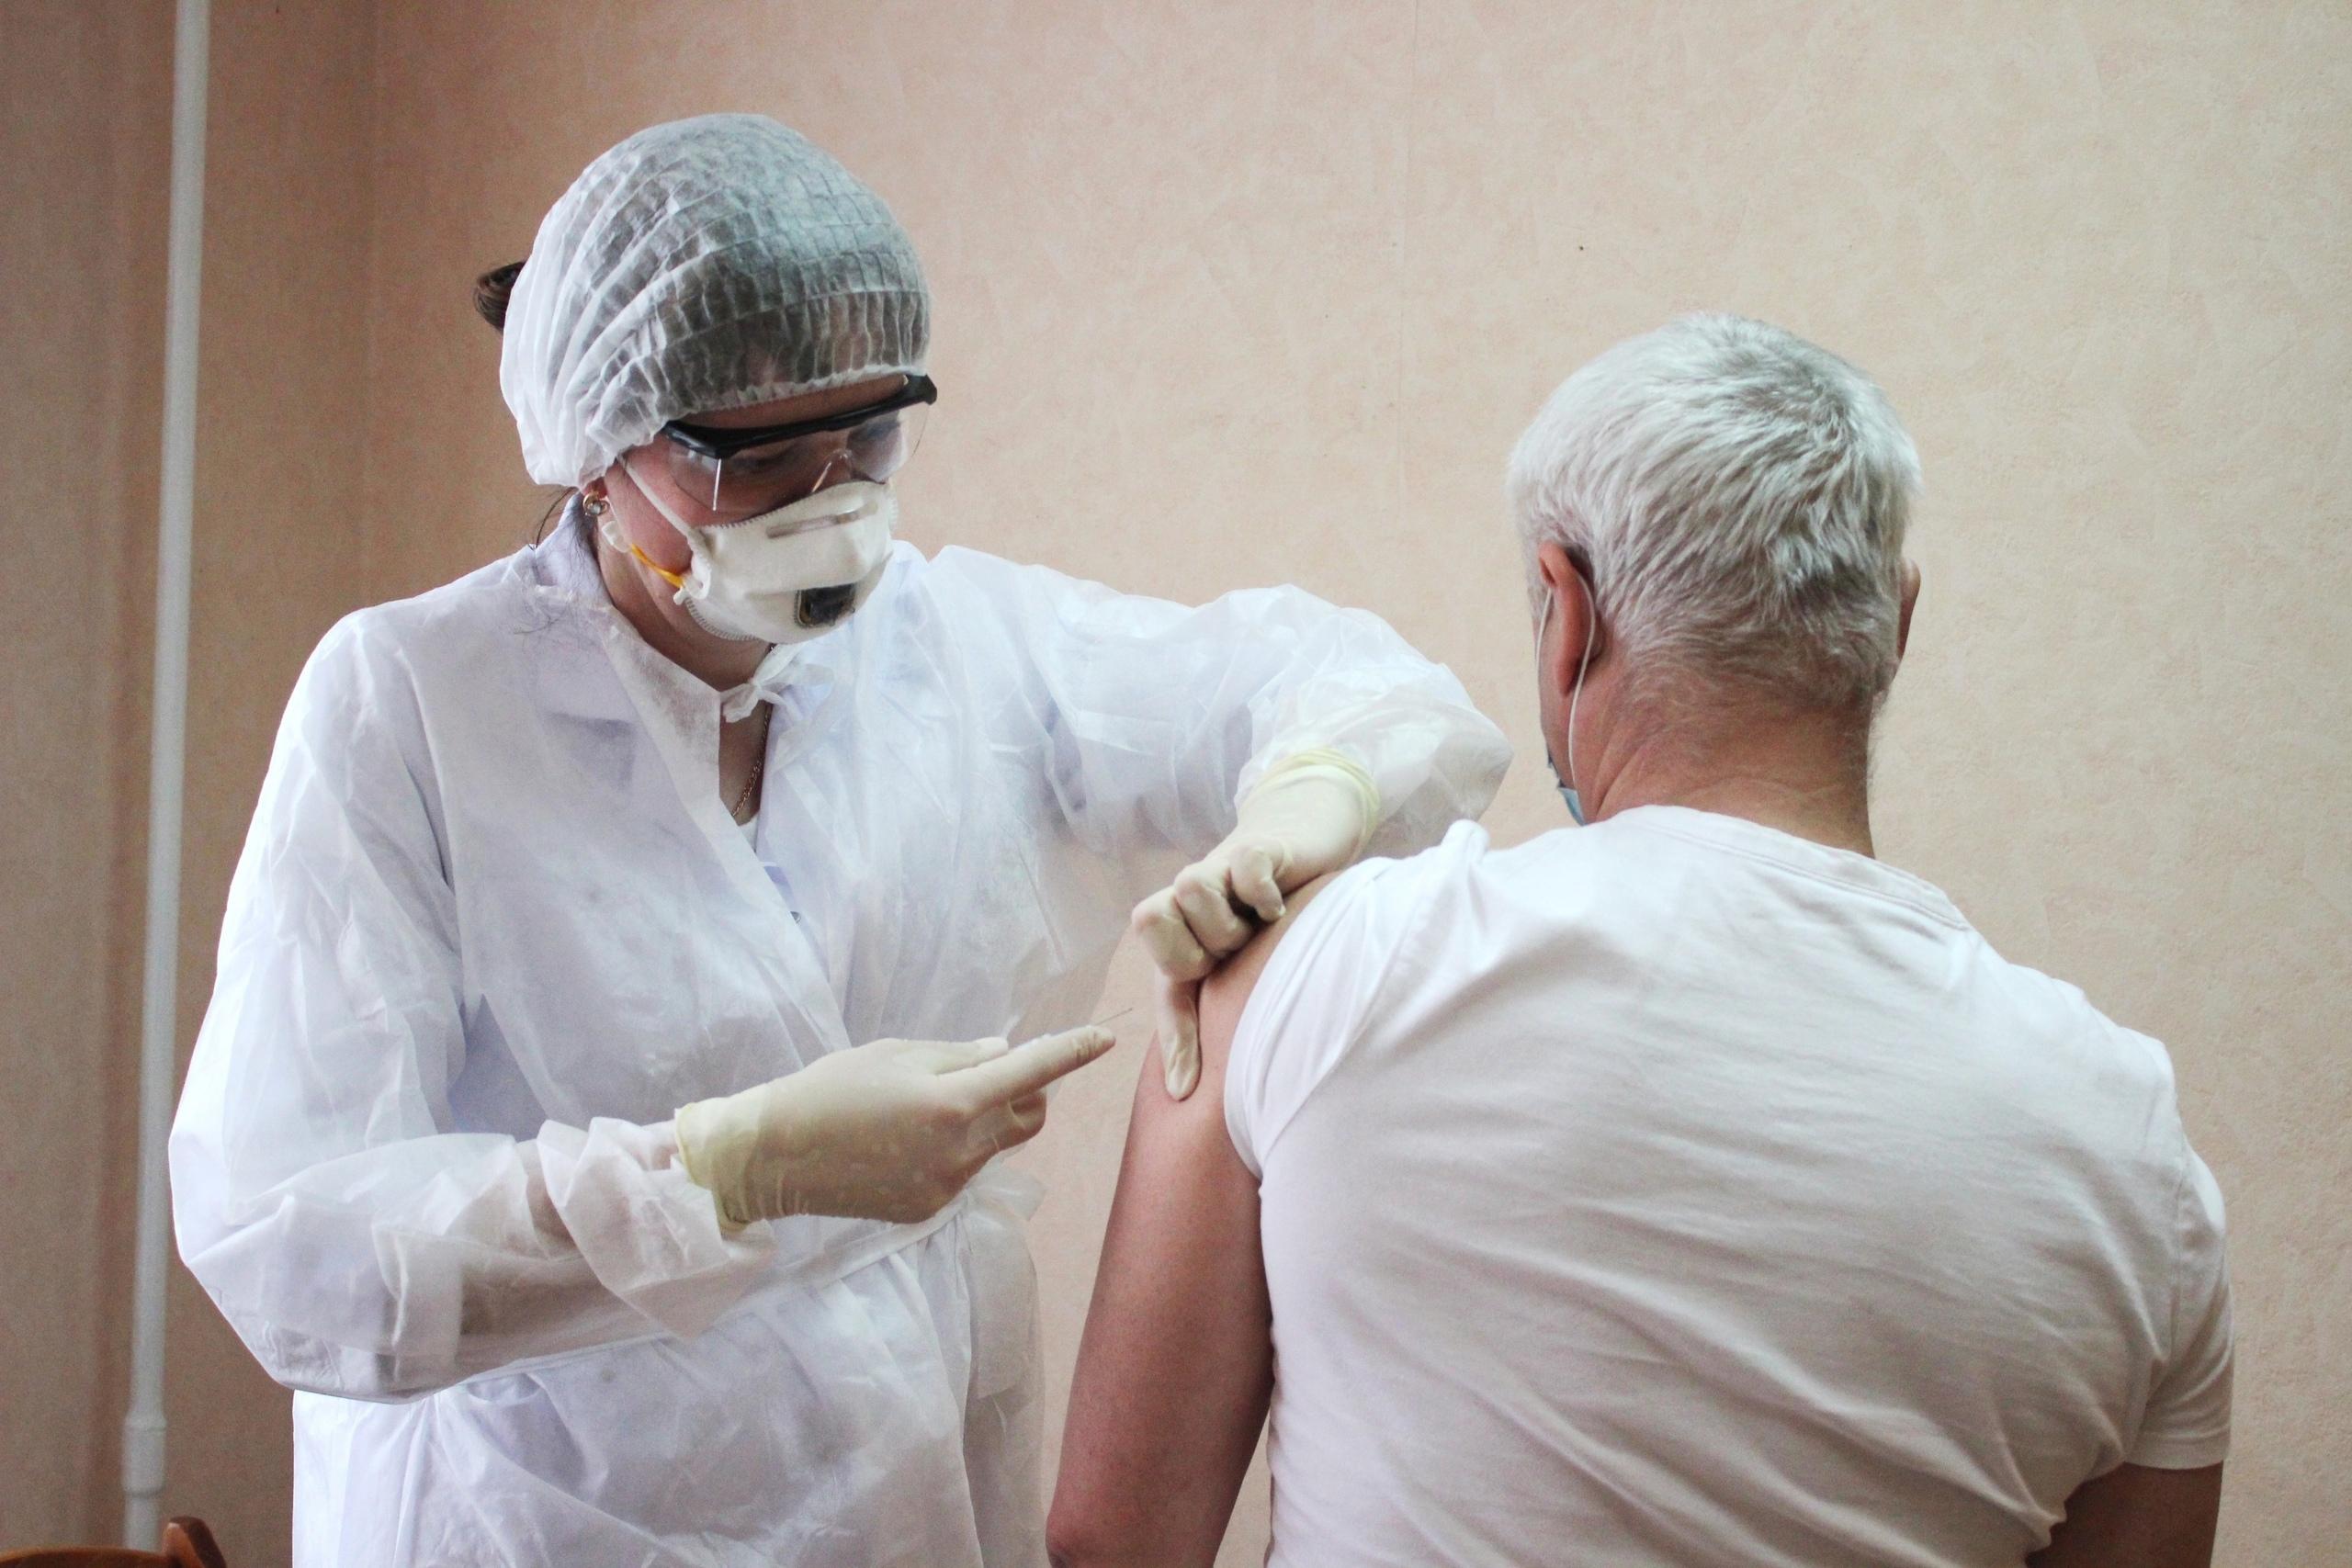 Пункт вакцинации против COVID-19, расположенный в МФЦ, продолжит свою работу в августе